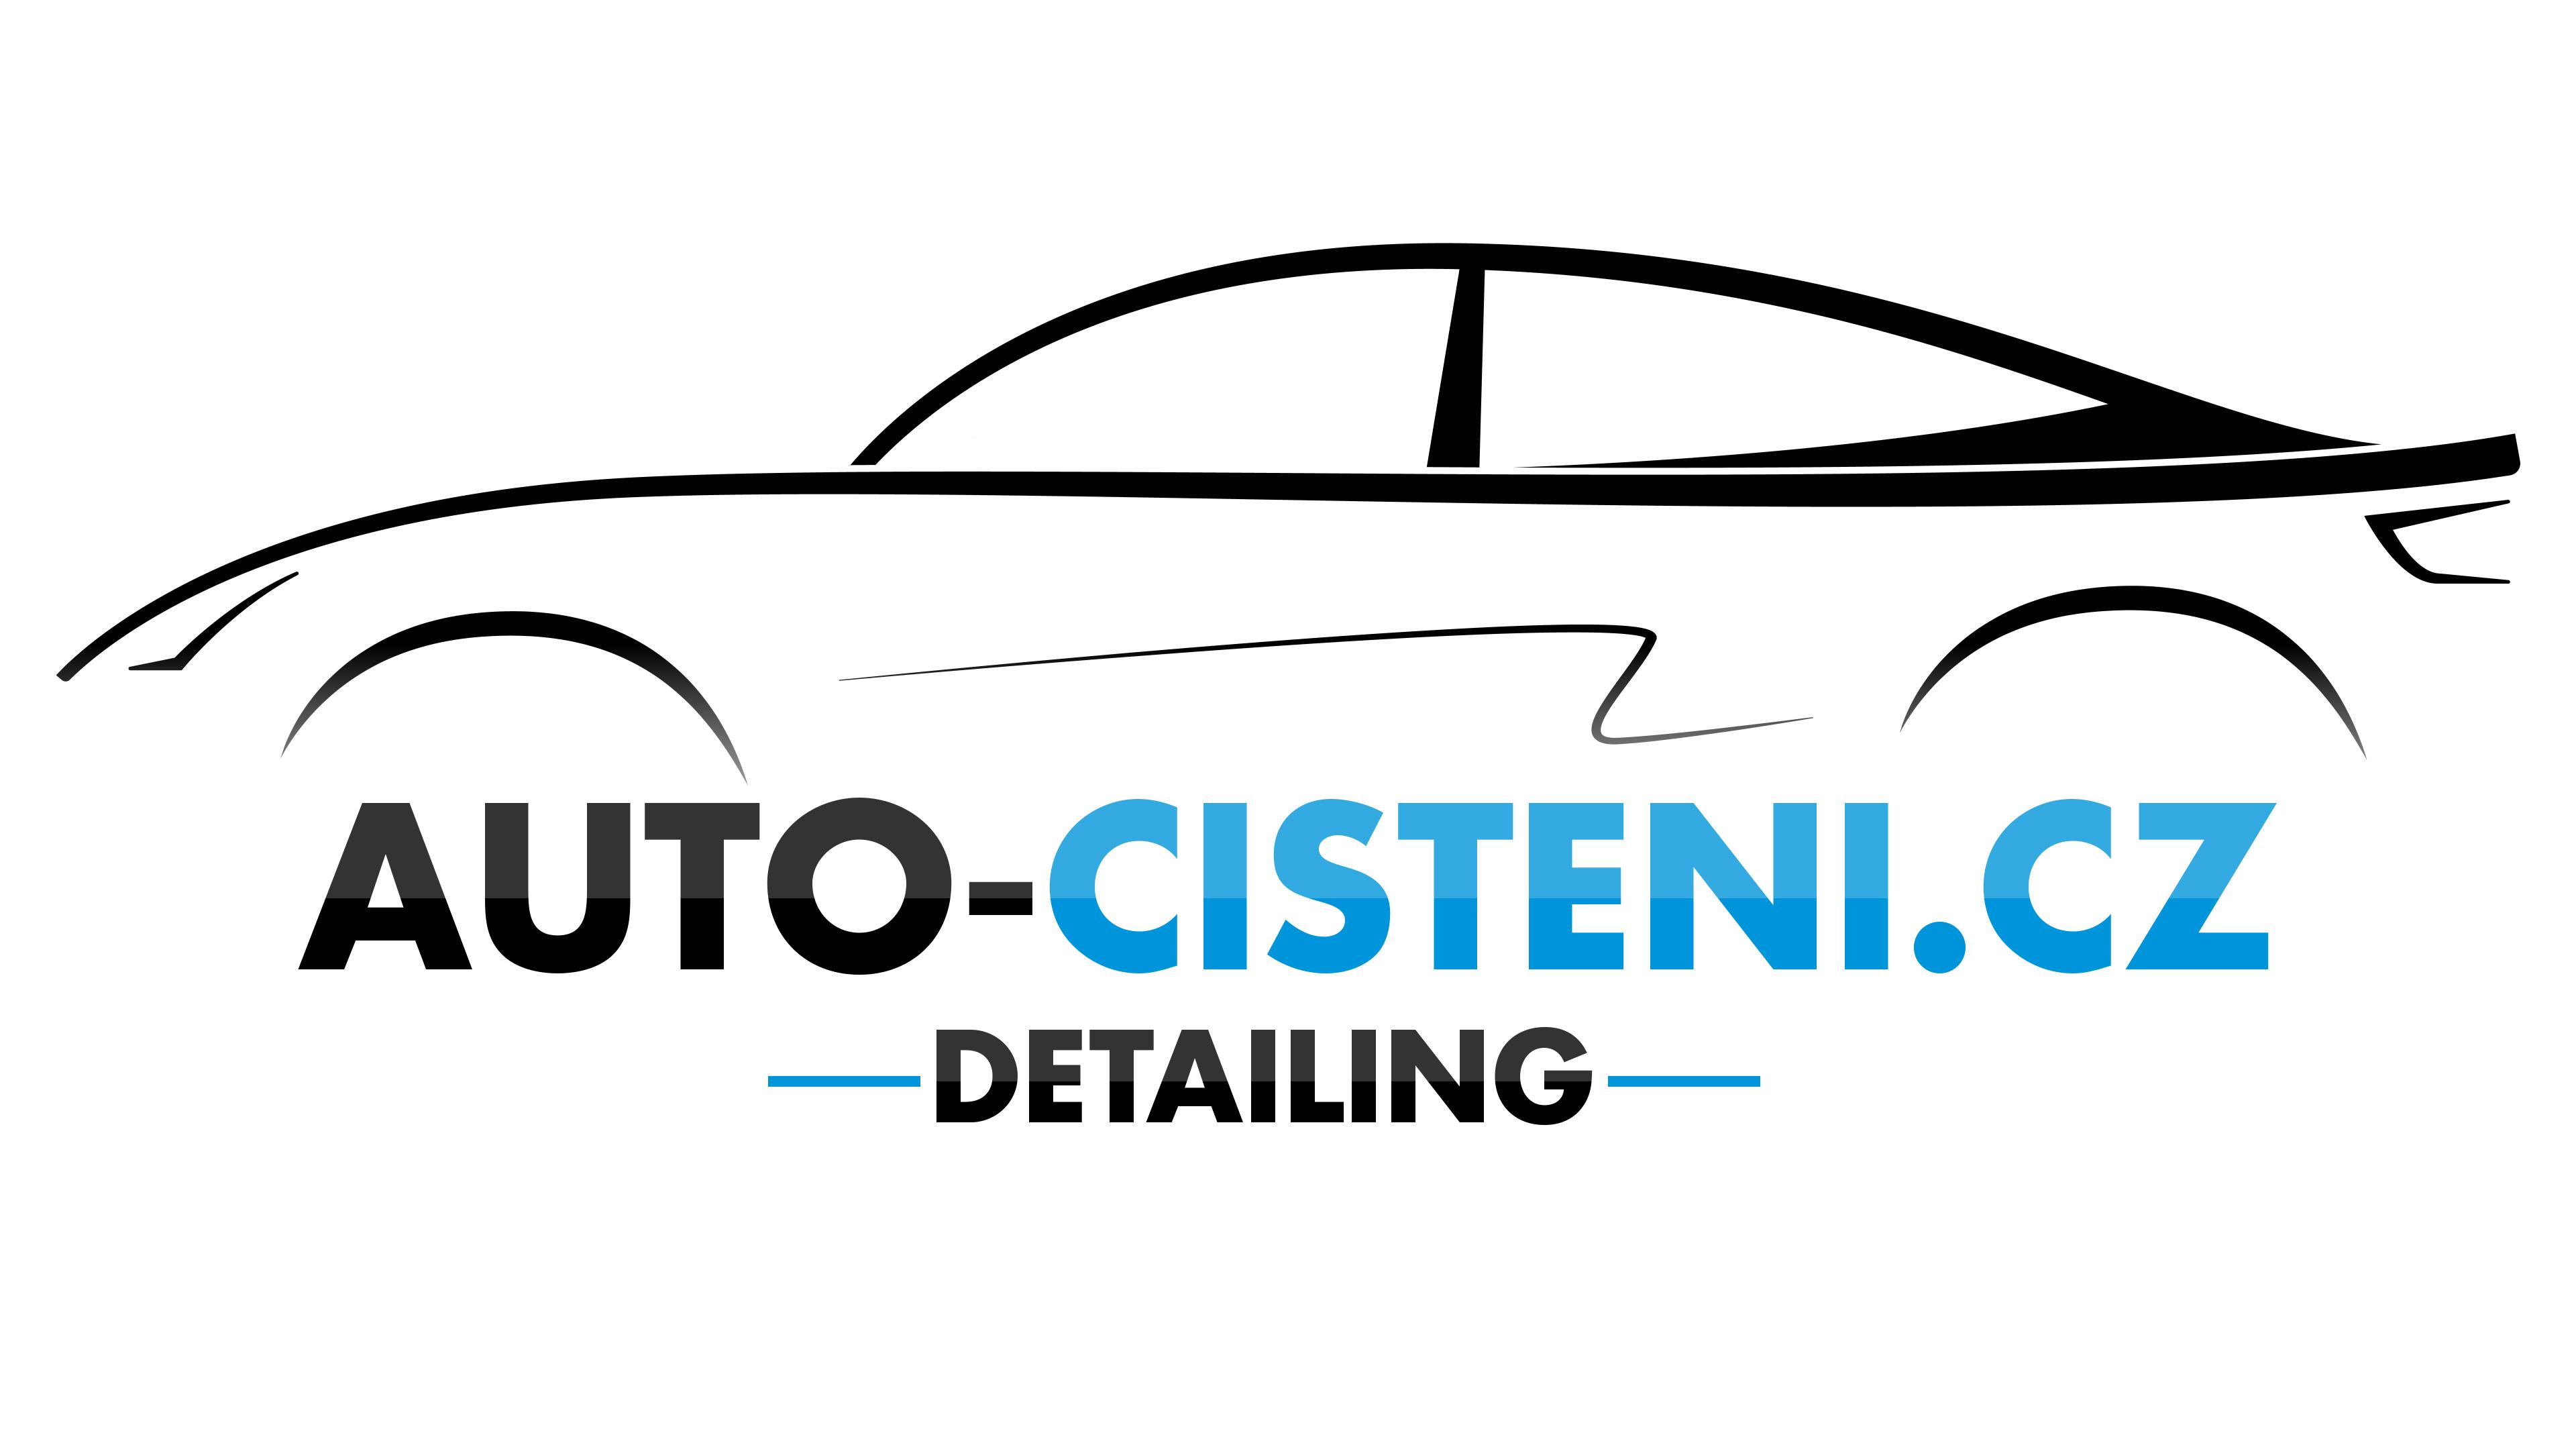 Grafická tvorba: Branding pro auto-cisteni.cz – Leták, vizitky, bannery a cedule